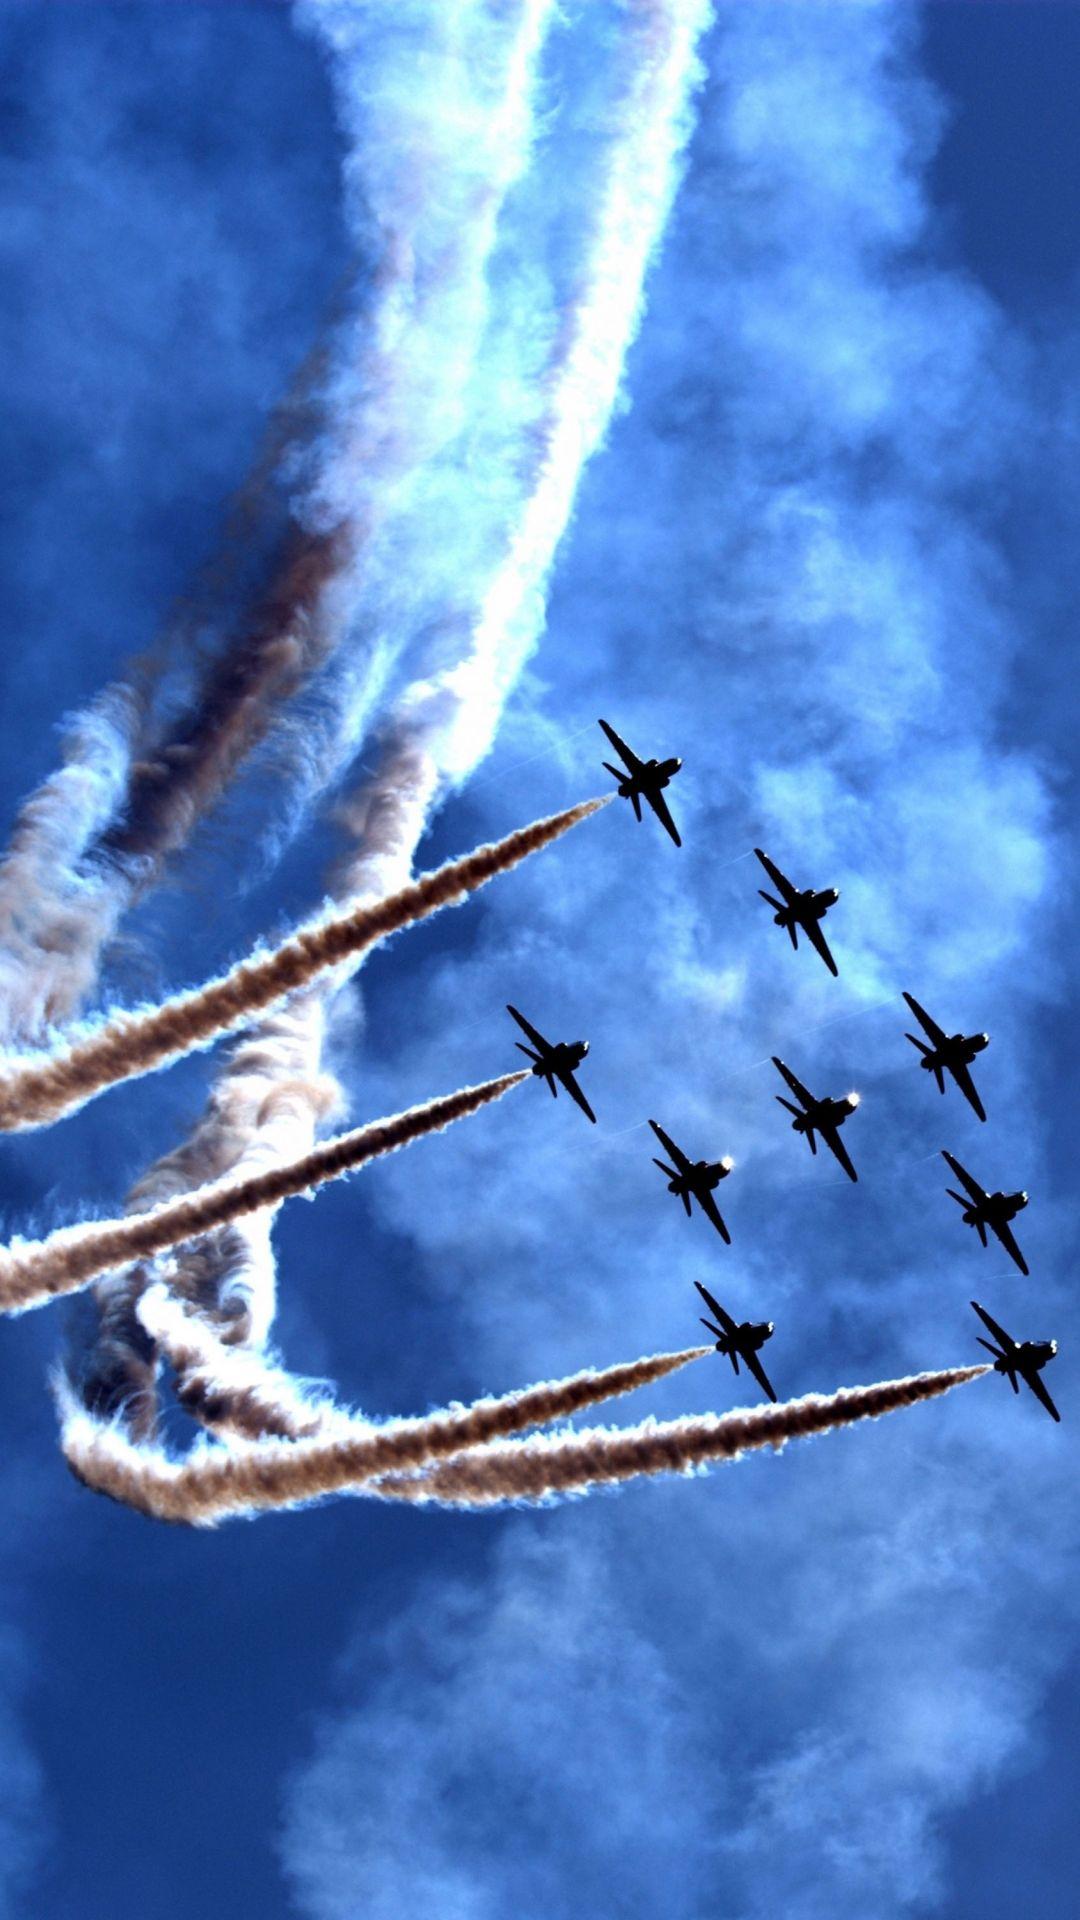 Air Parade Army Wallpaper Air Force Wallpaper Navy Wallpaper